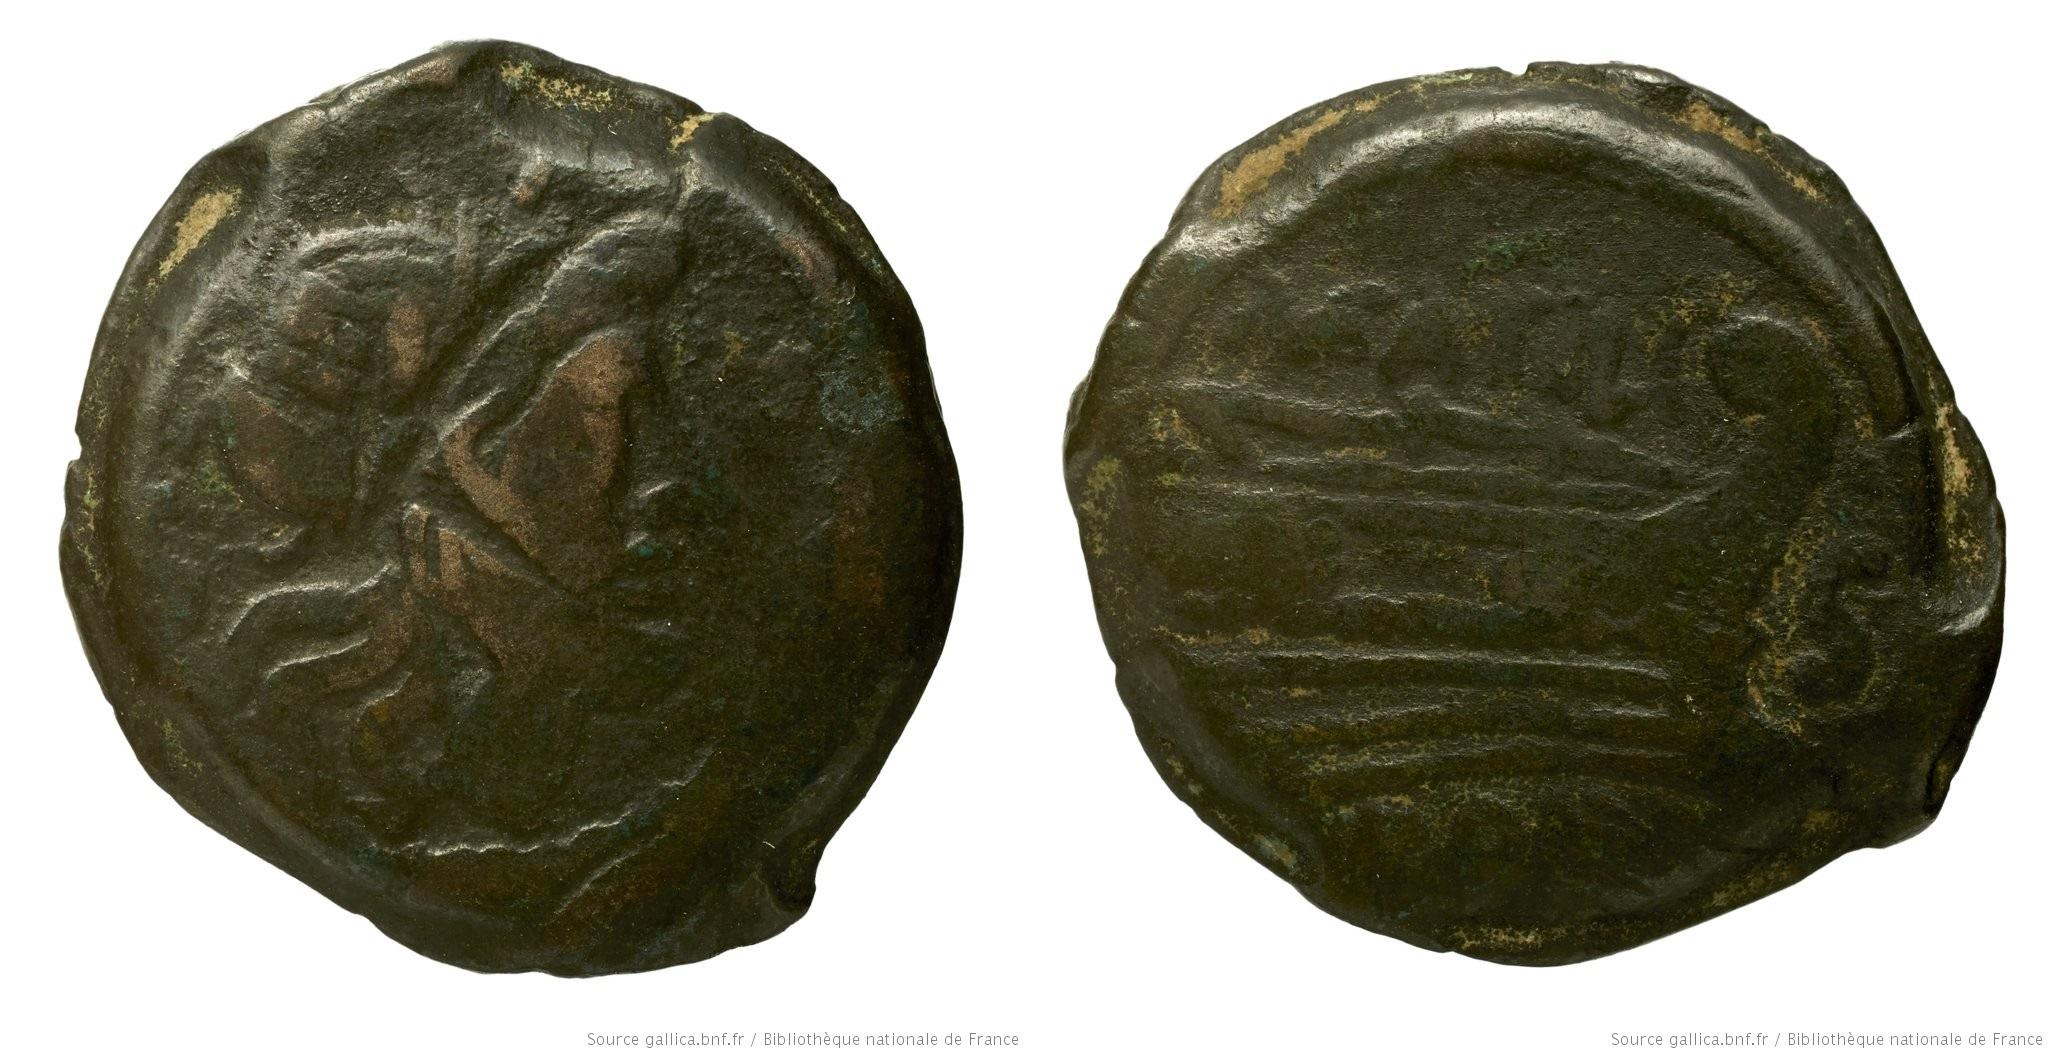 866AT – Semis Atilia – Marcus Atilius Saranus